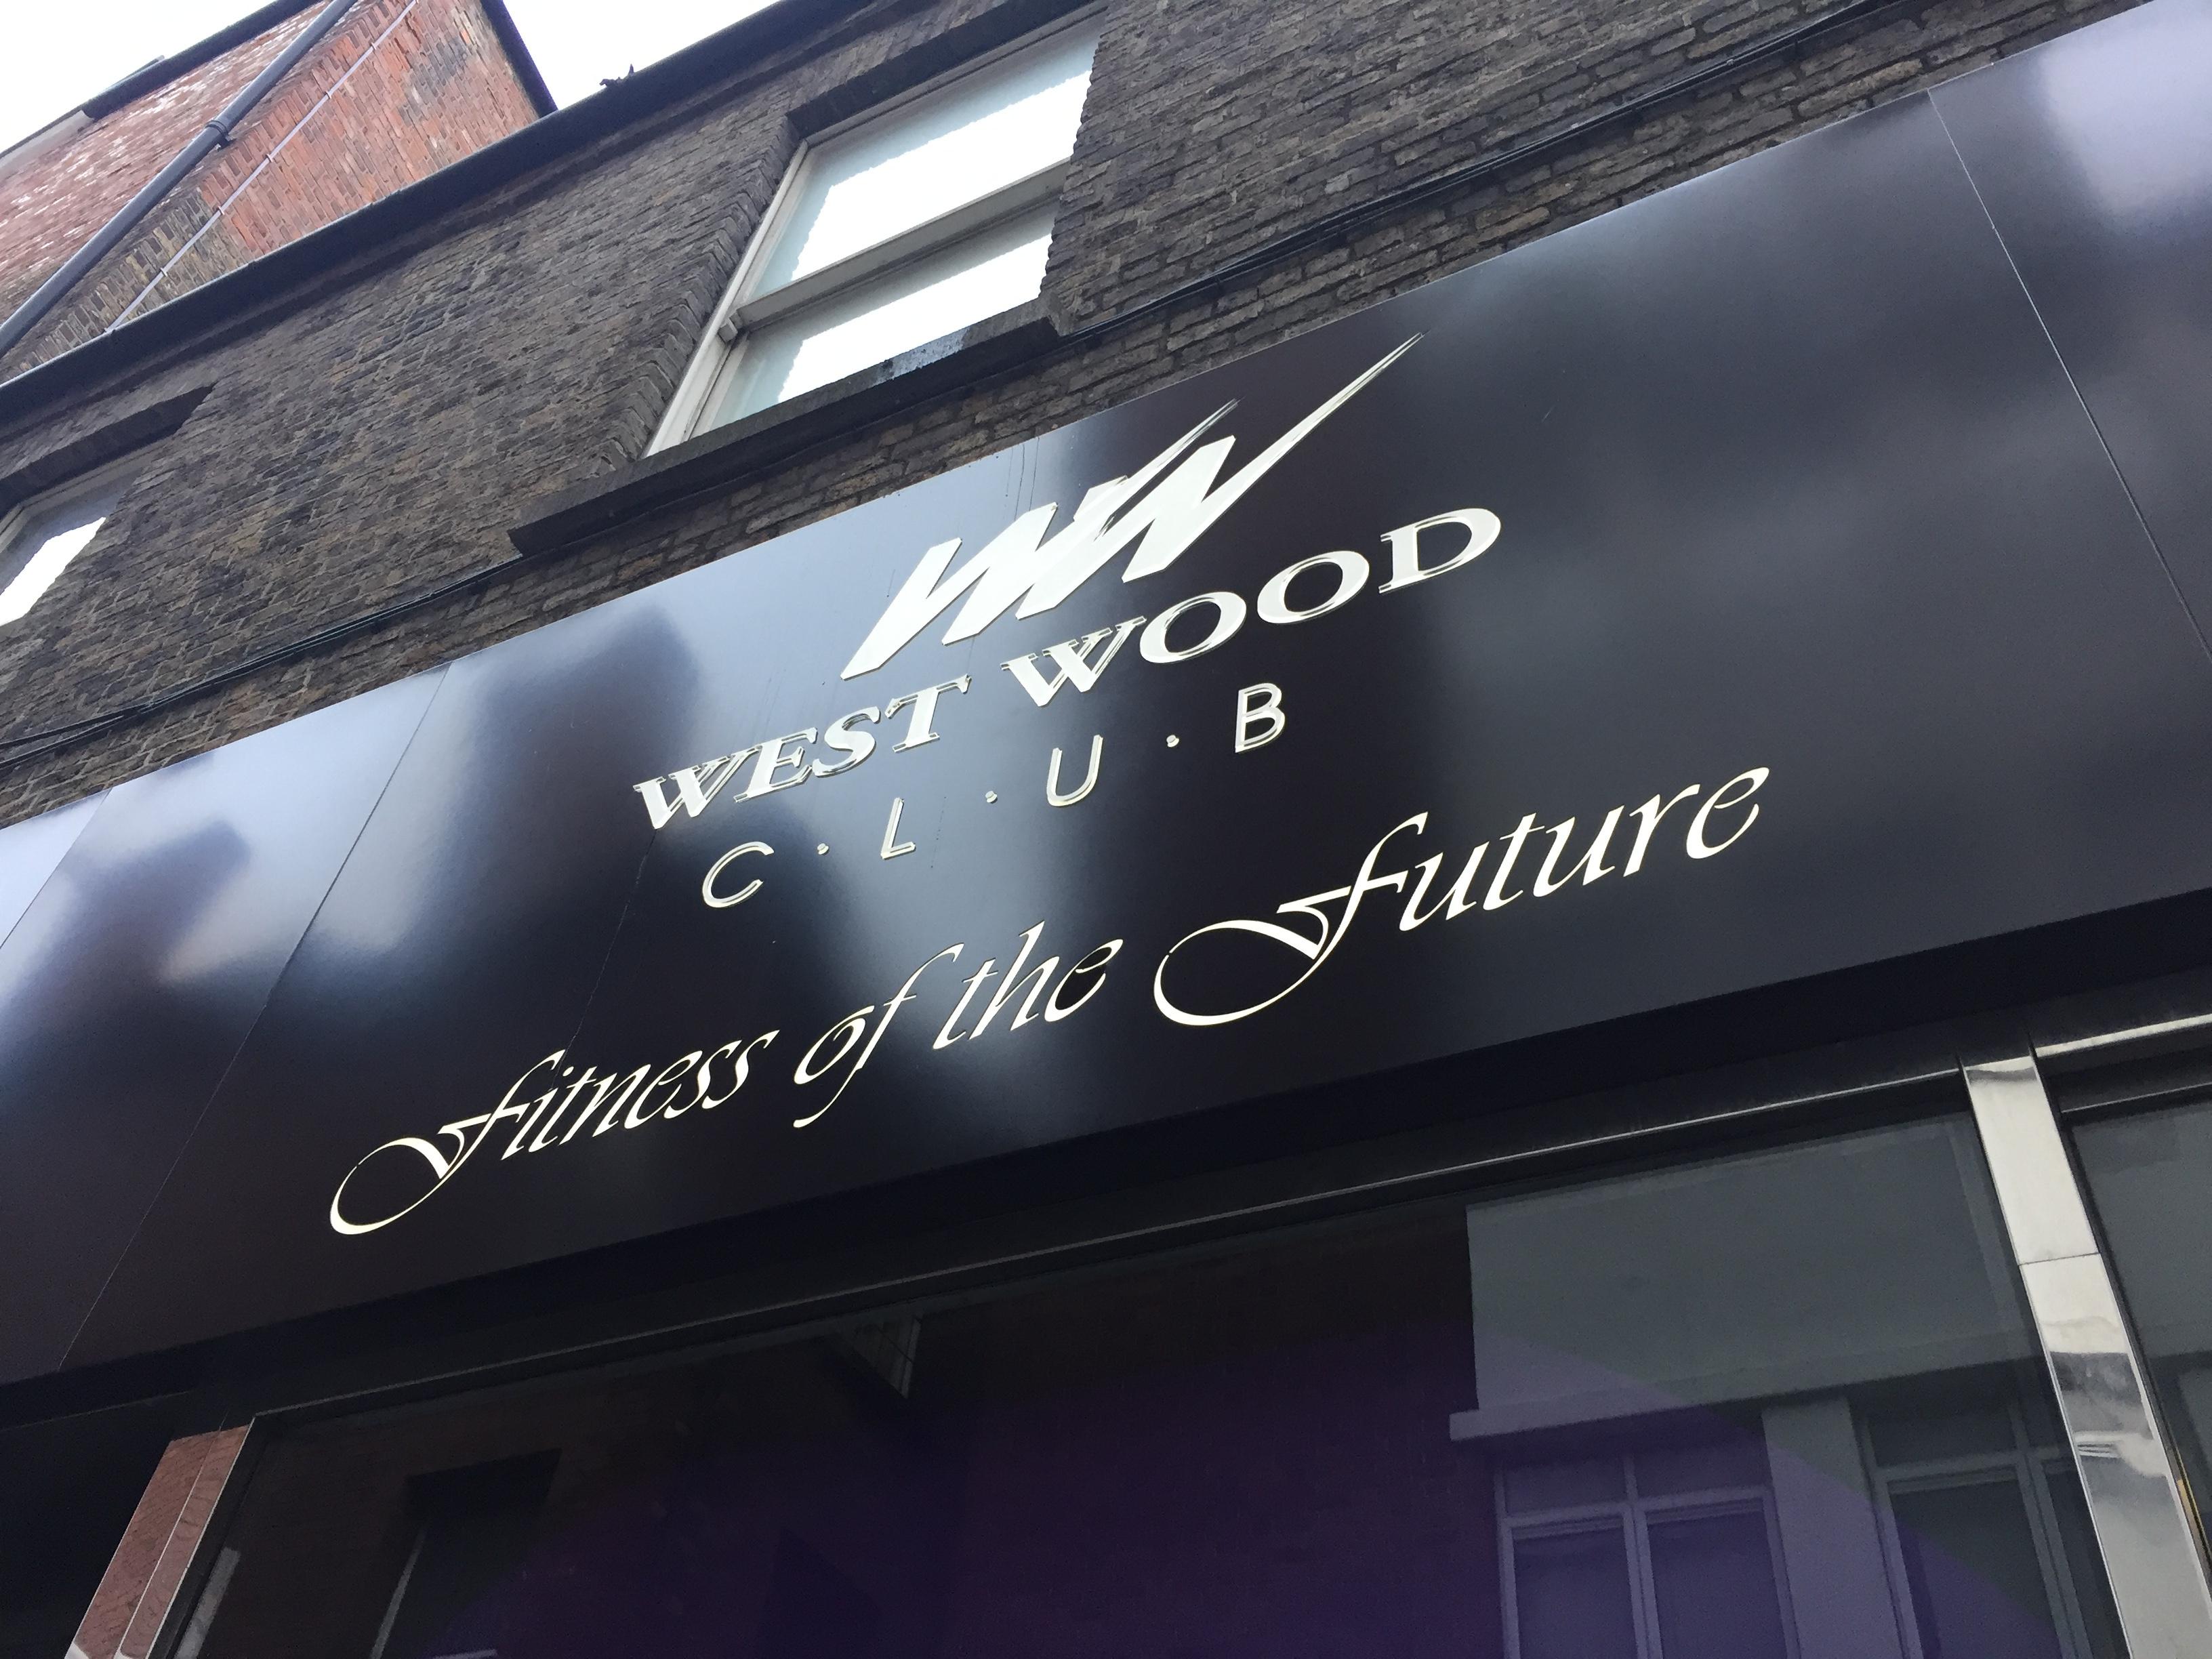 West Wood Club – Aston Quay